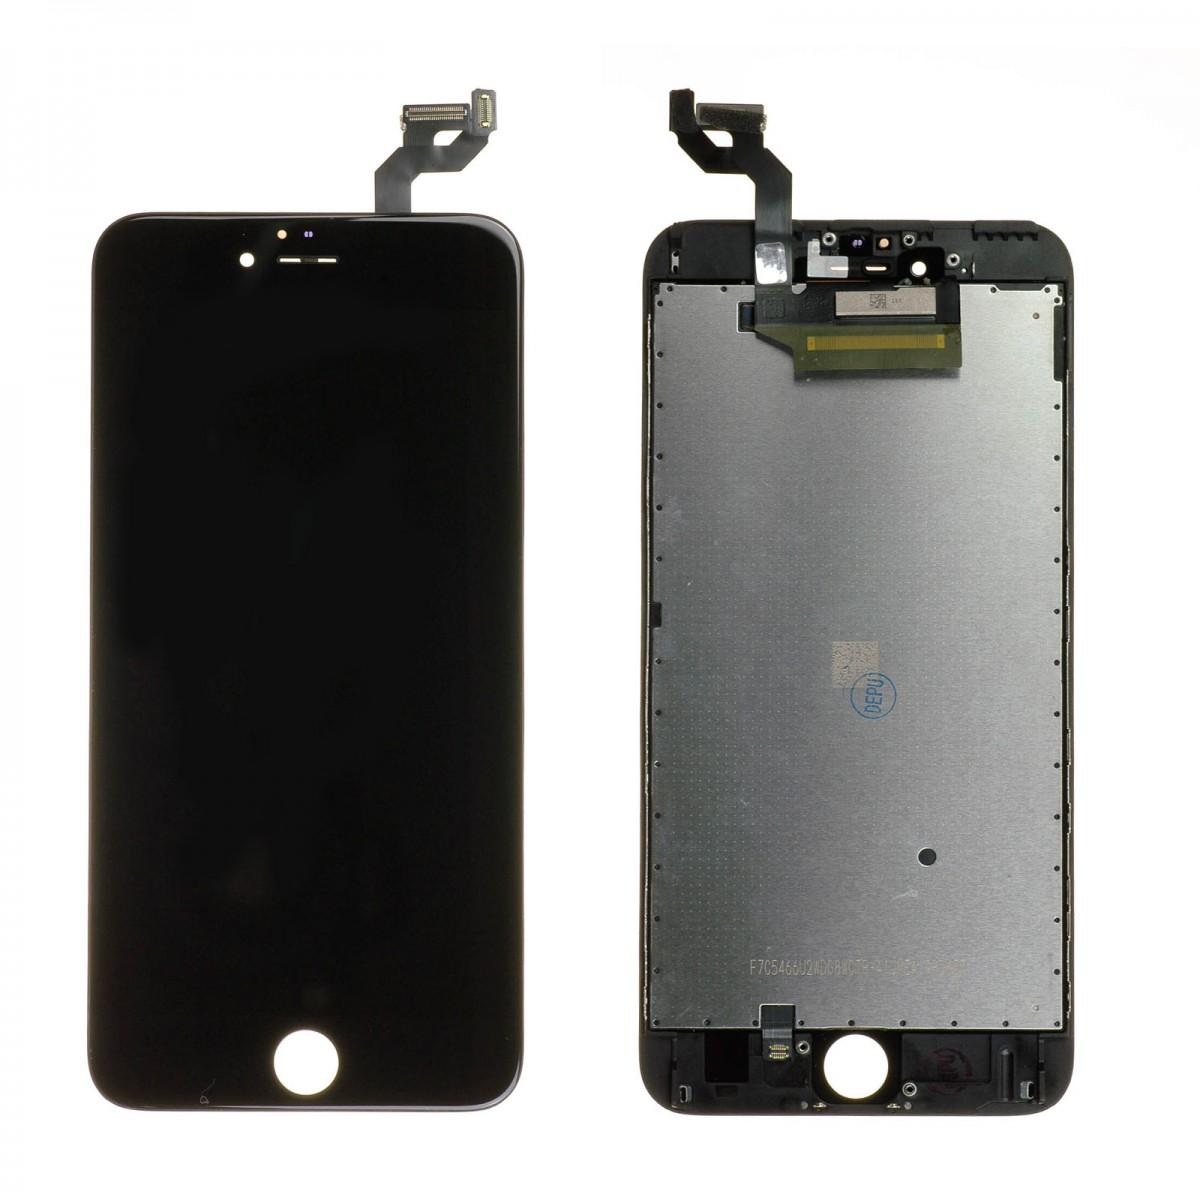 cran iphone 6s plus noir reconditionn achat en ligne sur lcd maroc